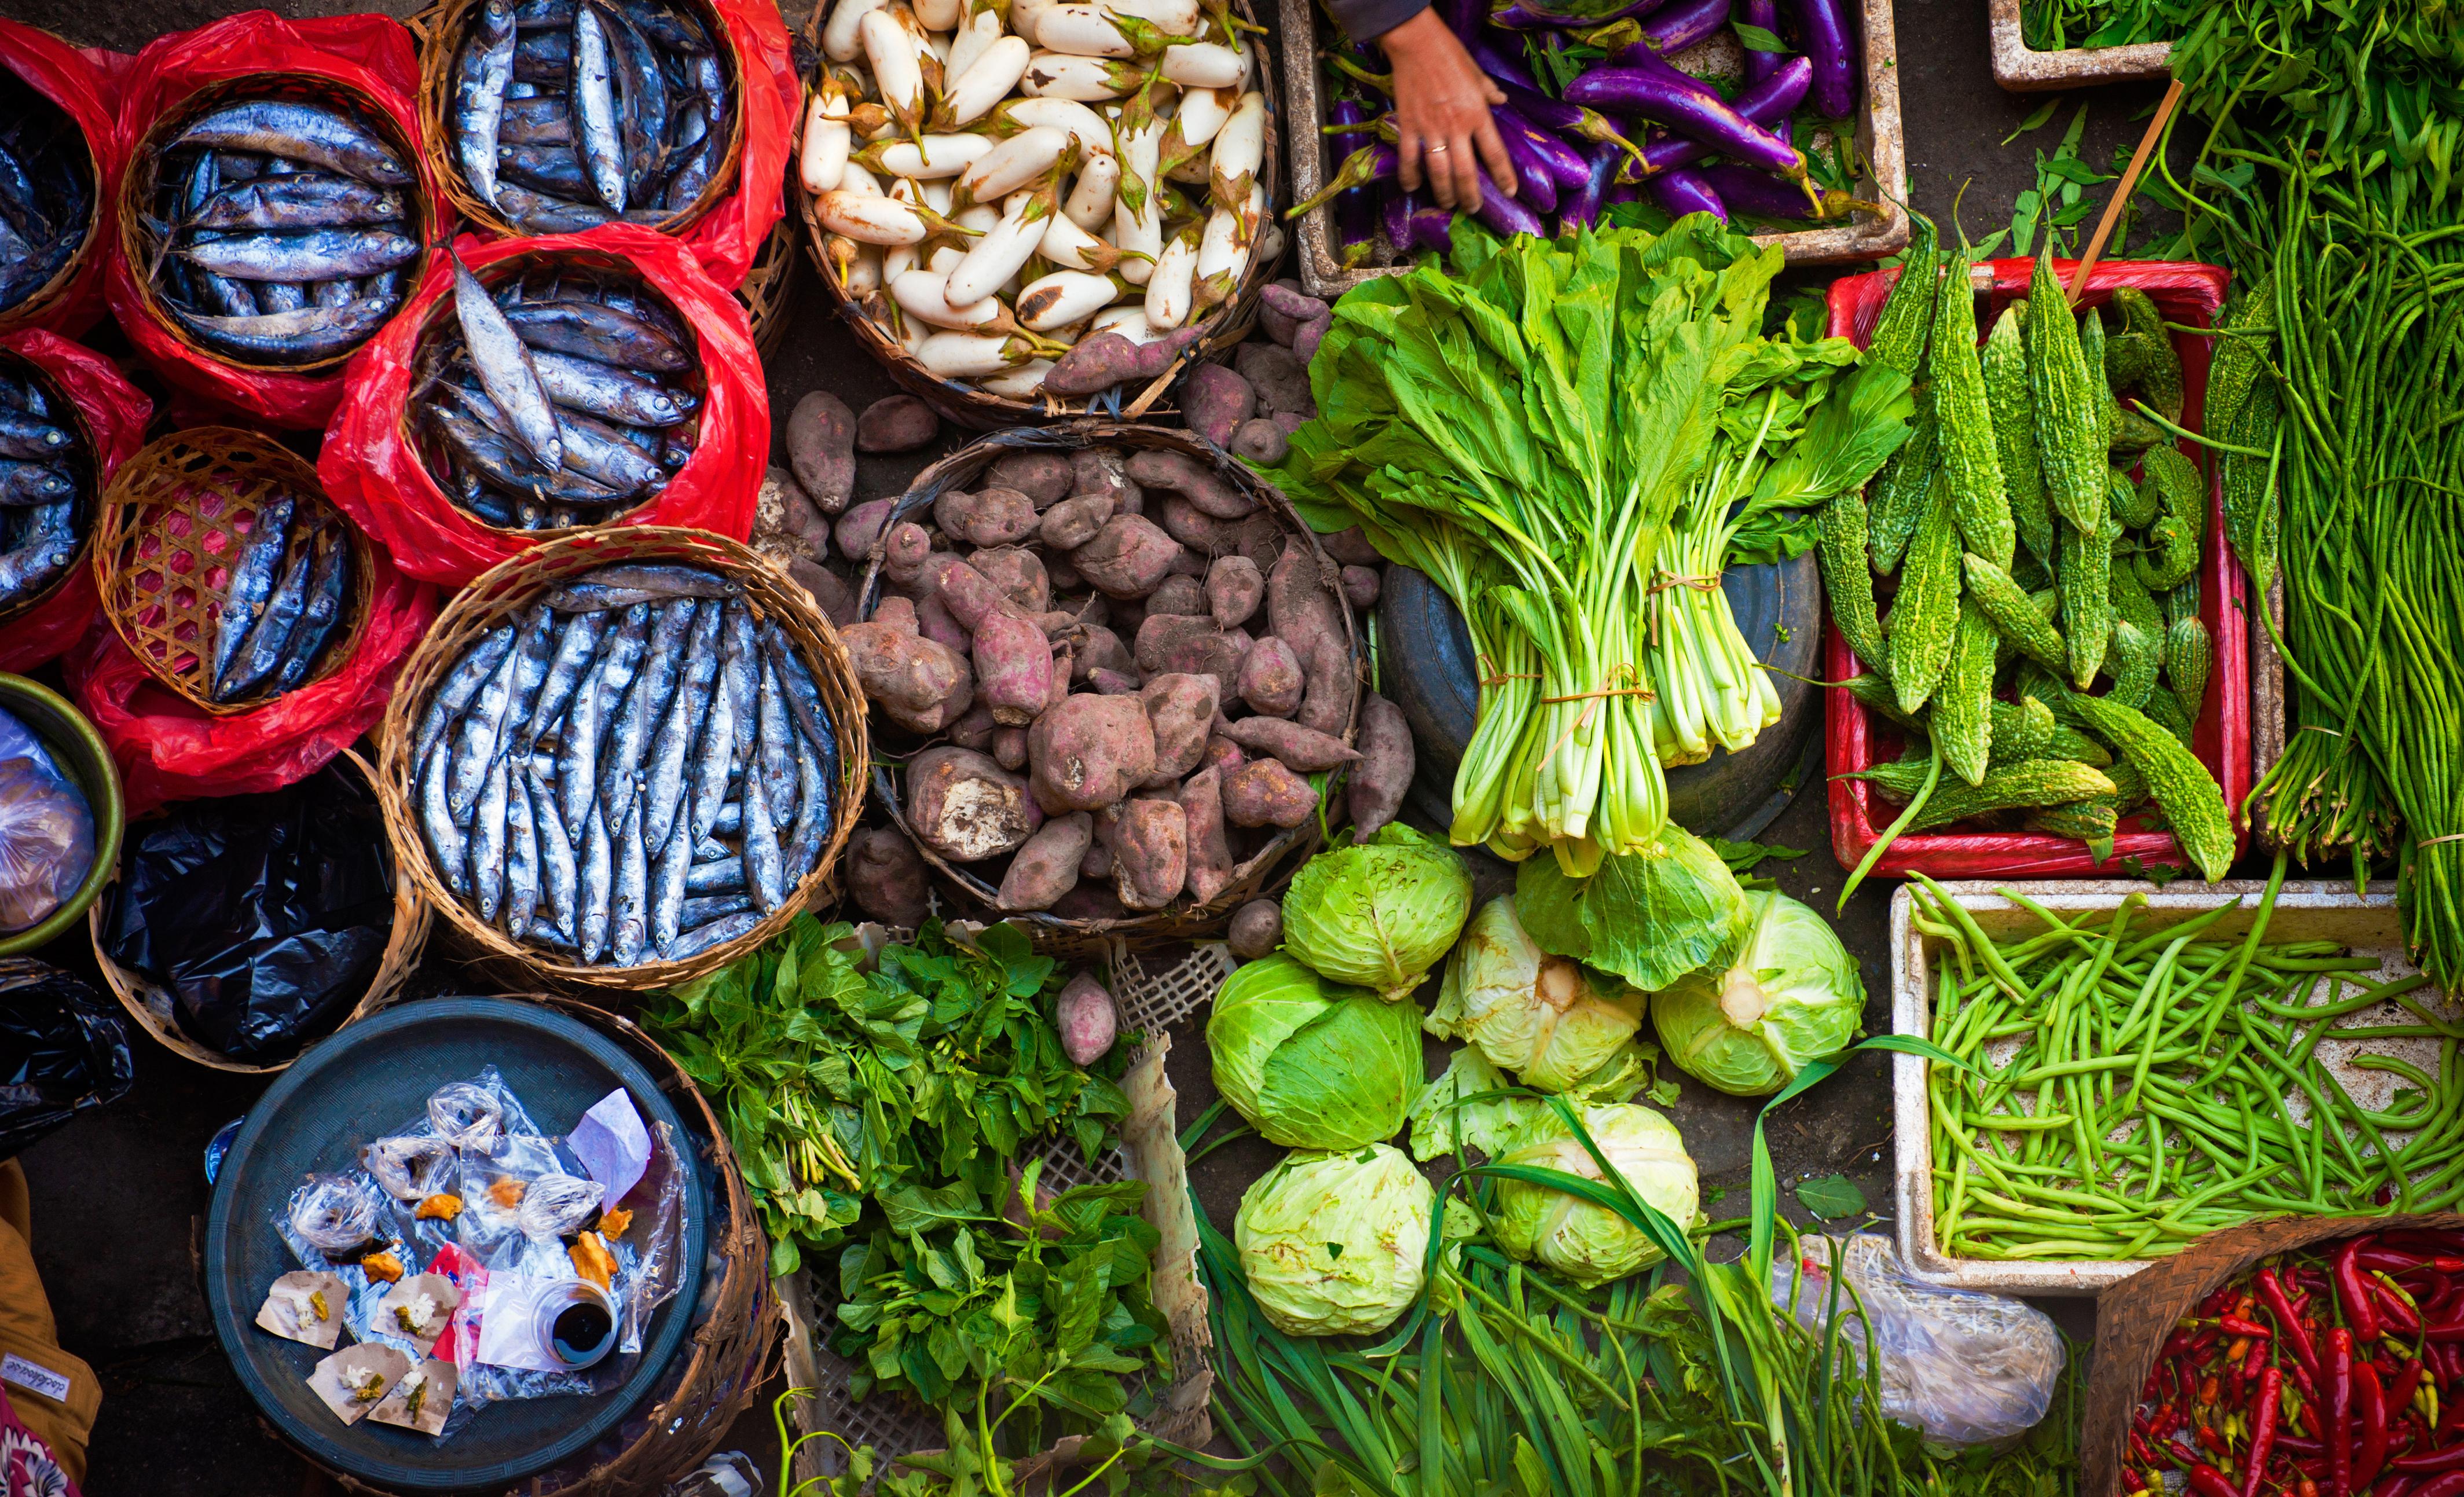 Deltagare som åt en vegetarisk kost kombinerat med fisk löpte hela 43 procent mindre risk att insjunkna i tjocktarmscancer.